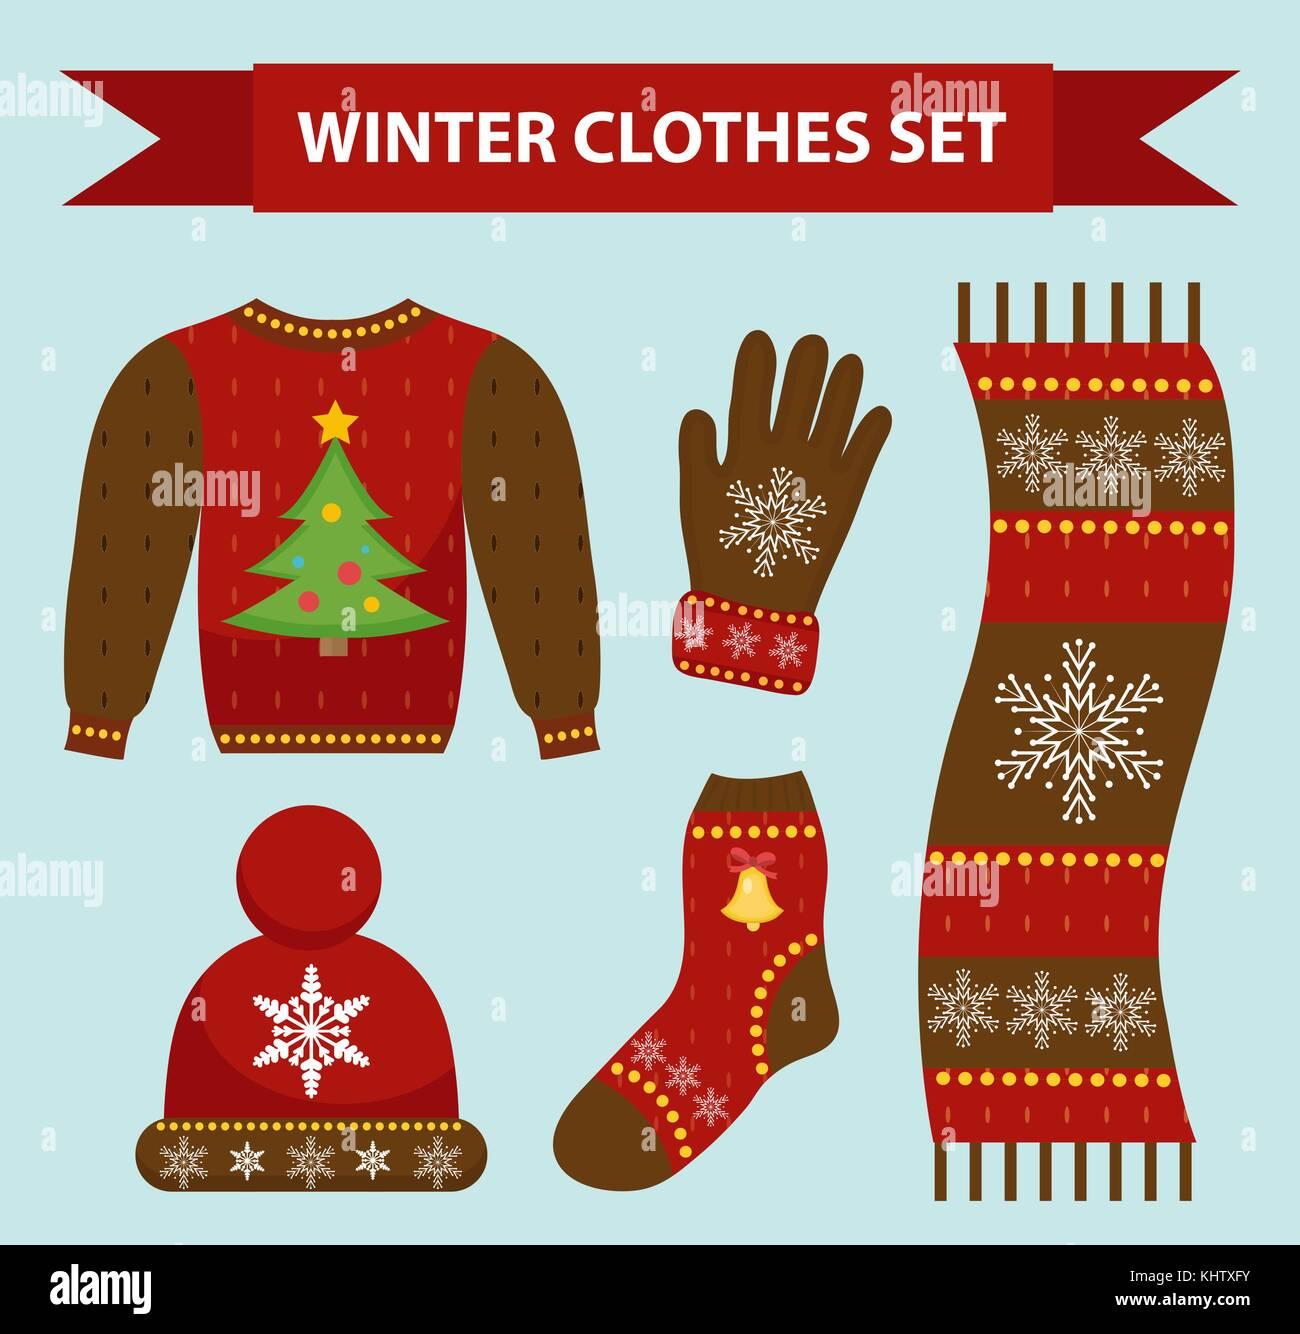 2a8d2888f Ropa de abrigo de invierno, tipo plano de conjunto de iconos. Navidad,ropa  vestidos colección con patrones. sombrero, bufanda, guantes, suéter.  aislado ...